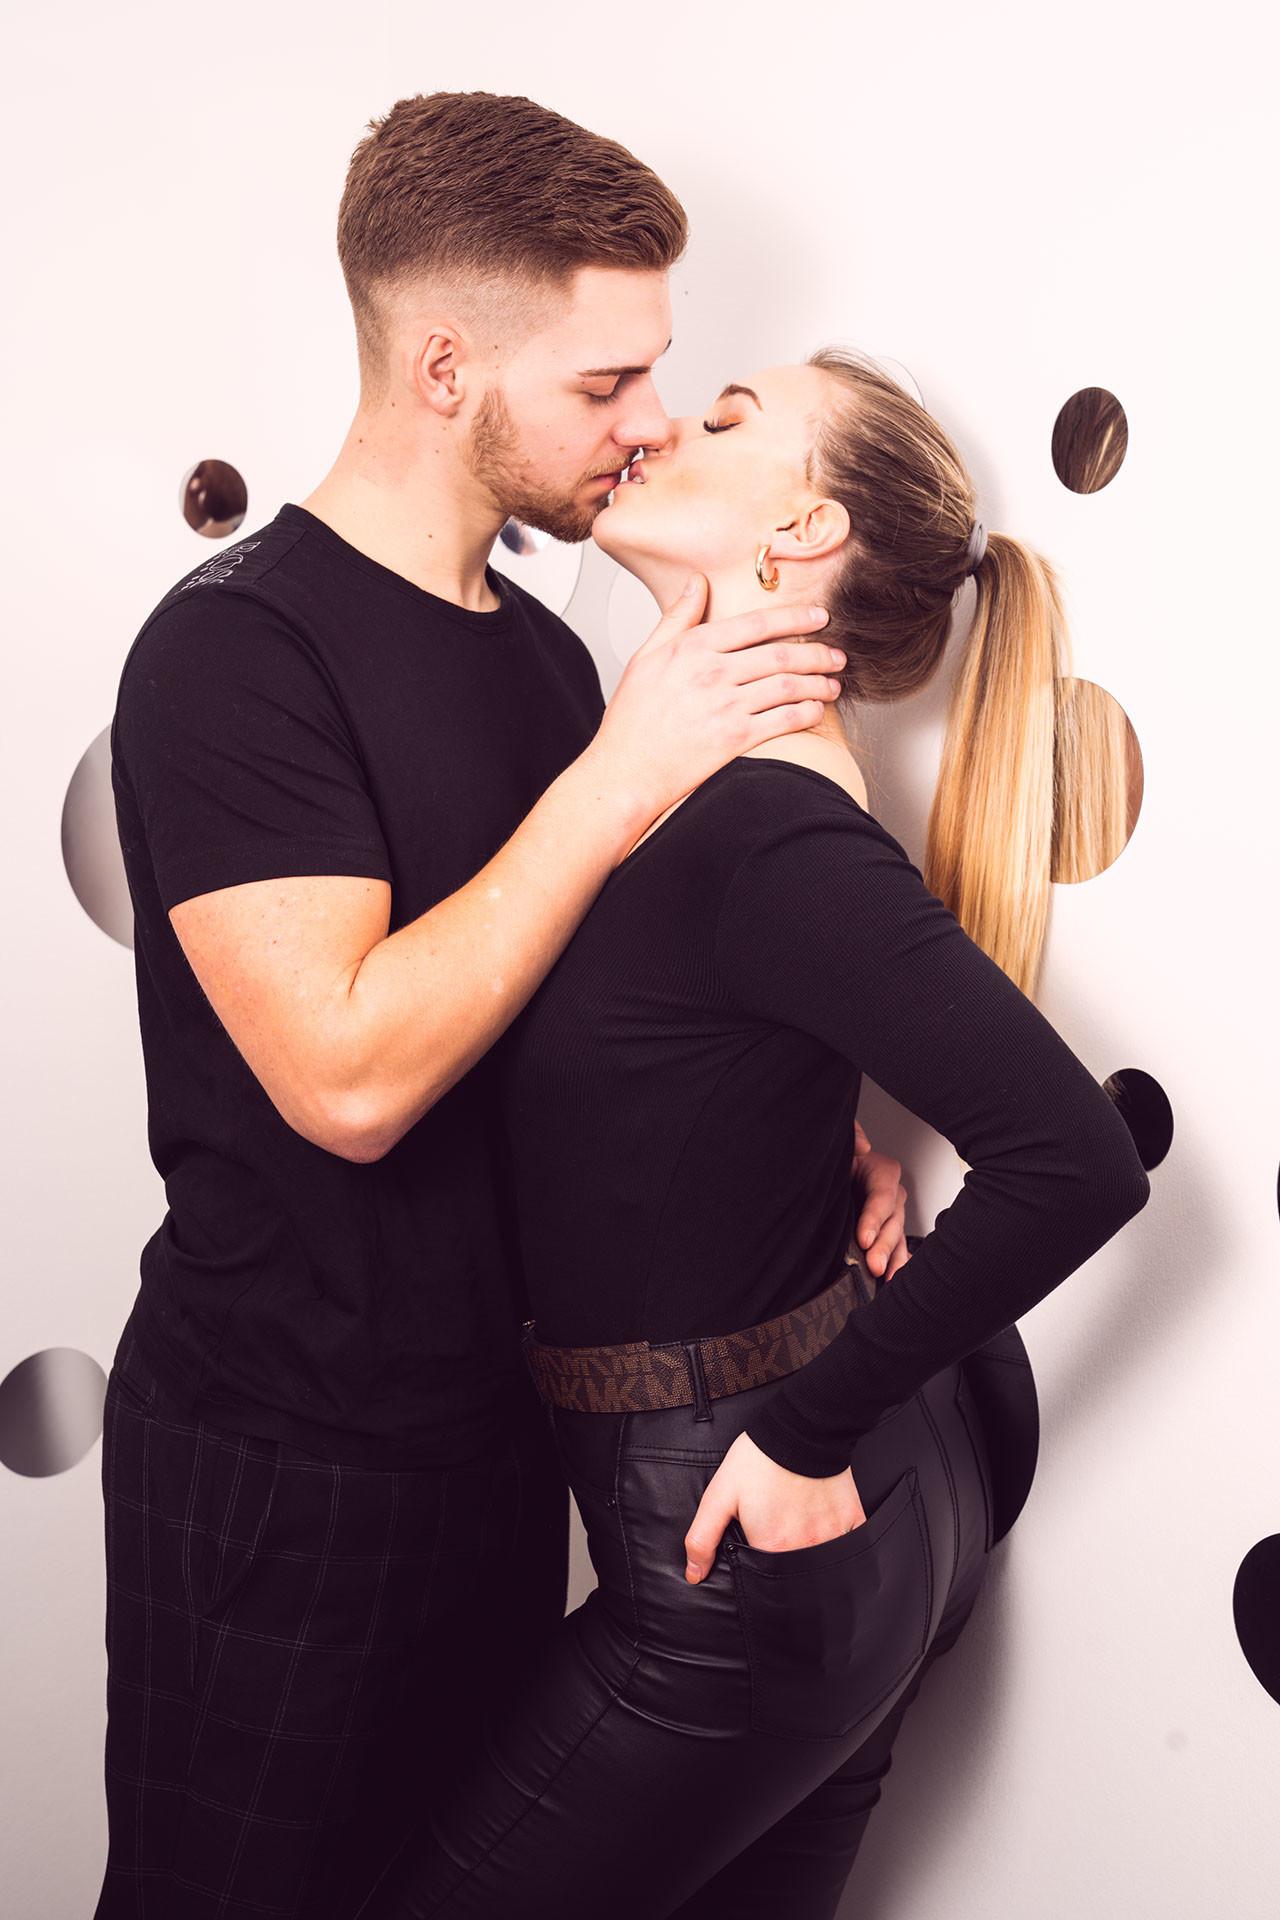 Paarshooting Leipzig - Annabel hat die Hände in den Gesäßtaschen. Tim hält ihren Hals sanft fest und will sie küssen.